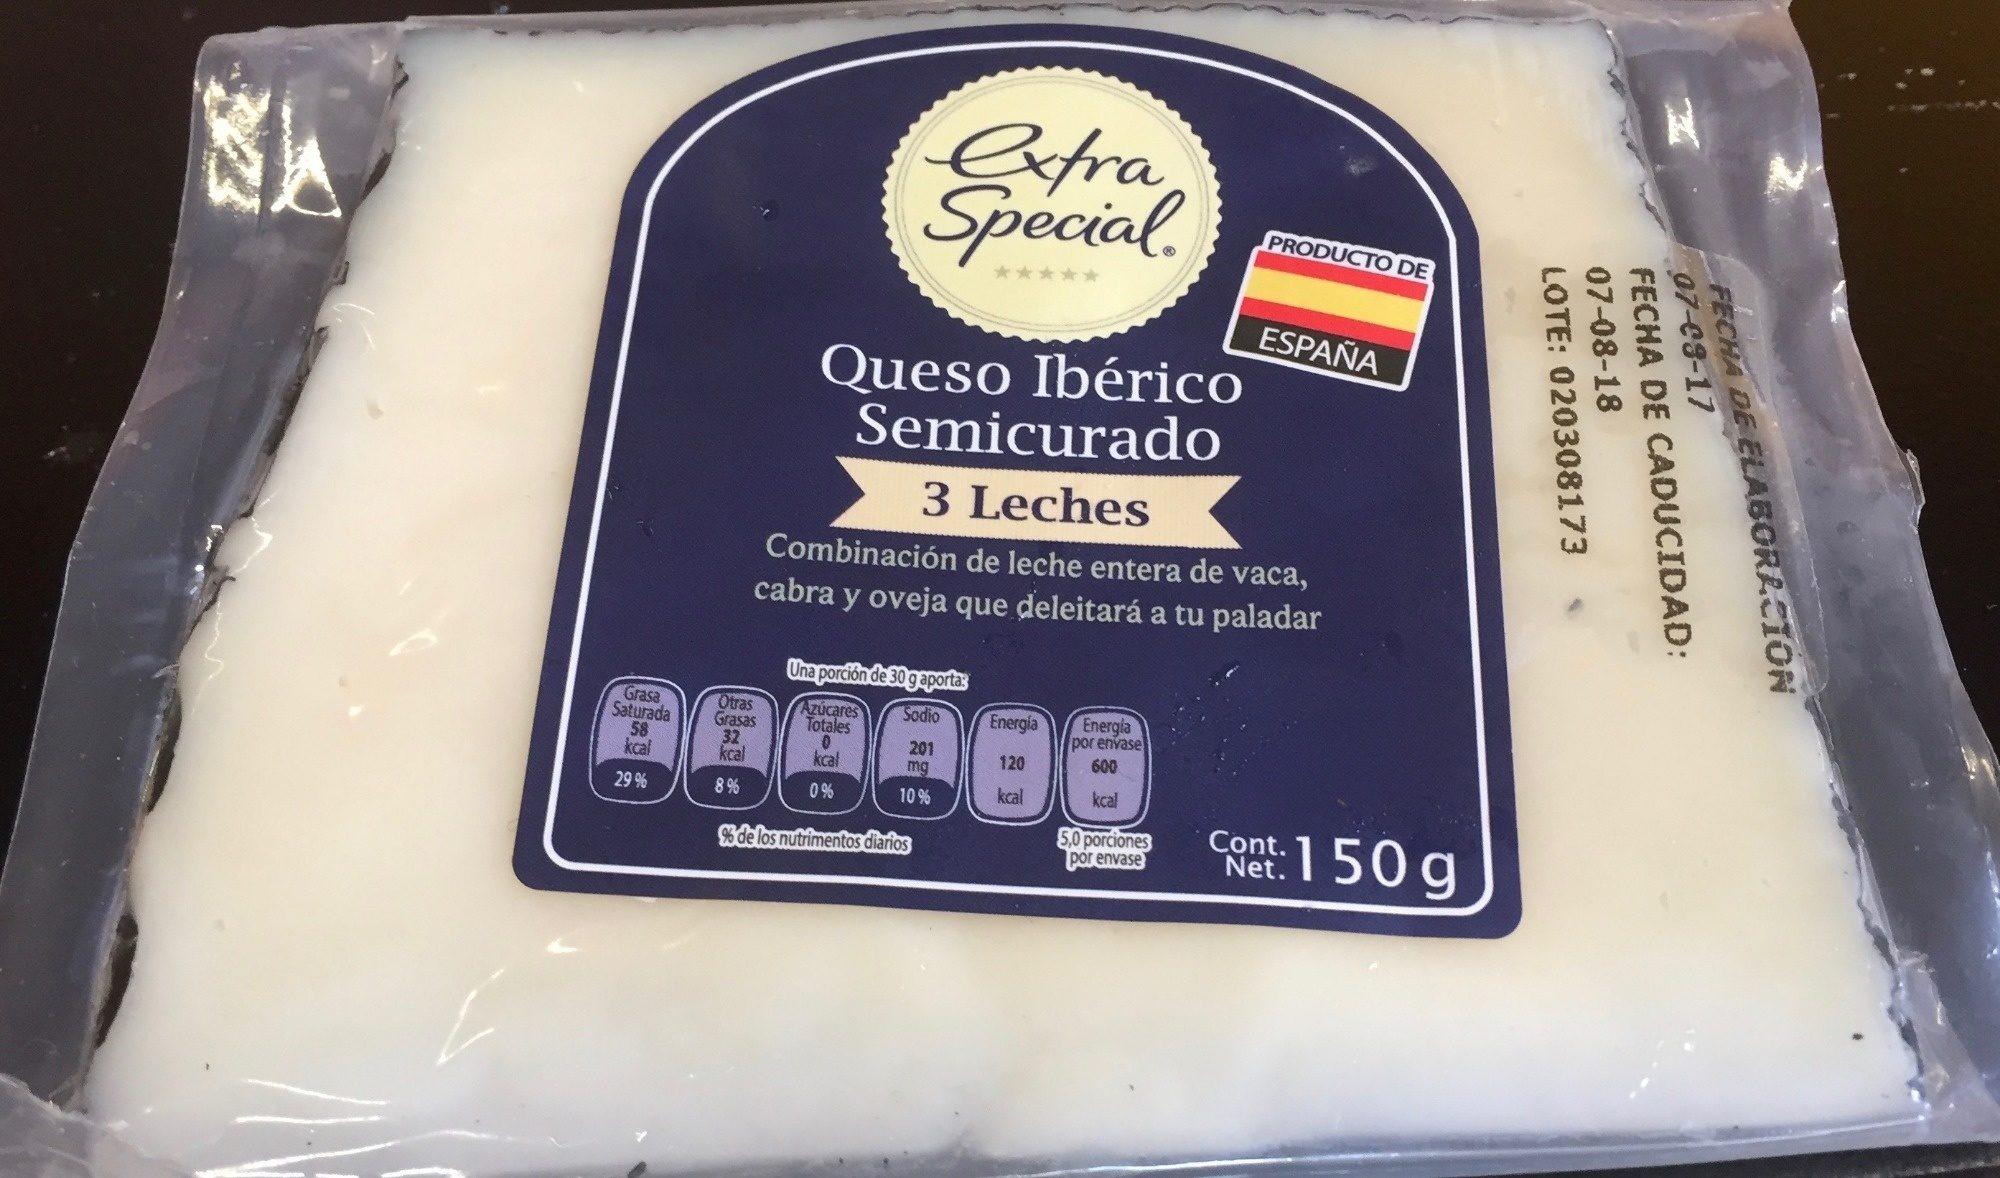 Extra Special Queso Iberico Semicurado - Product - es